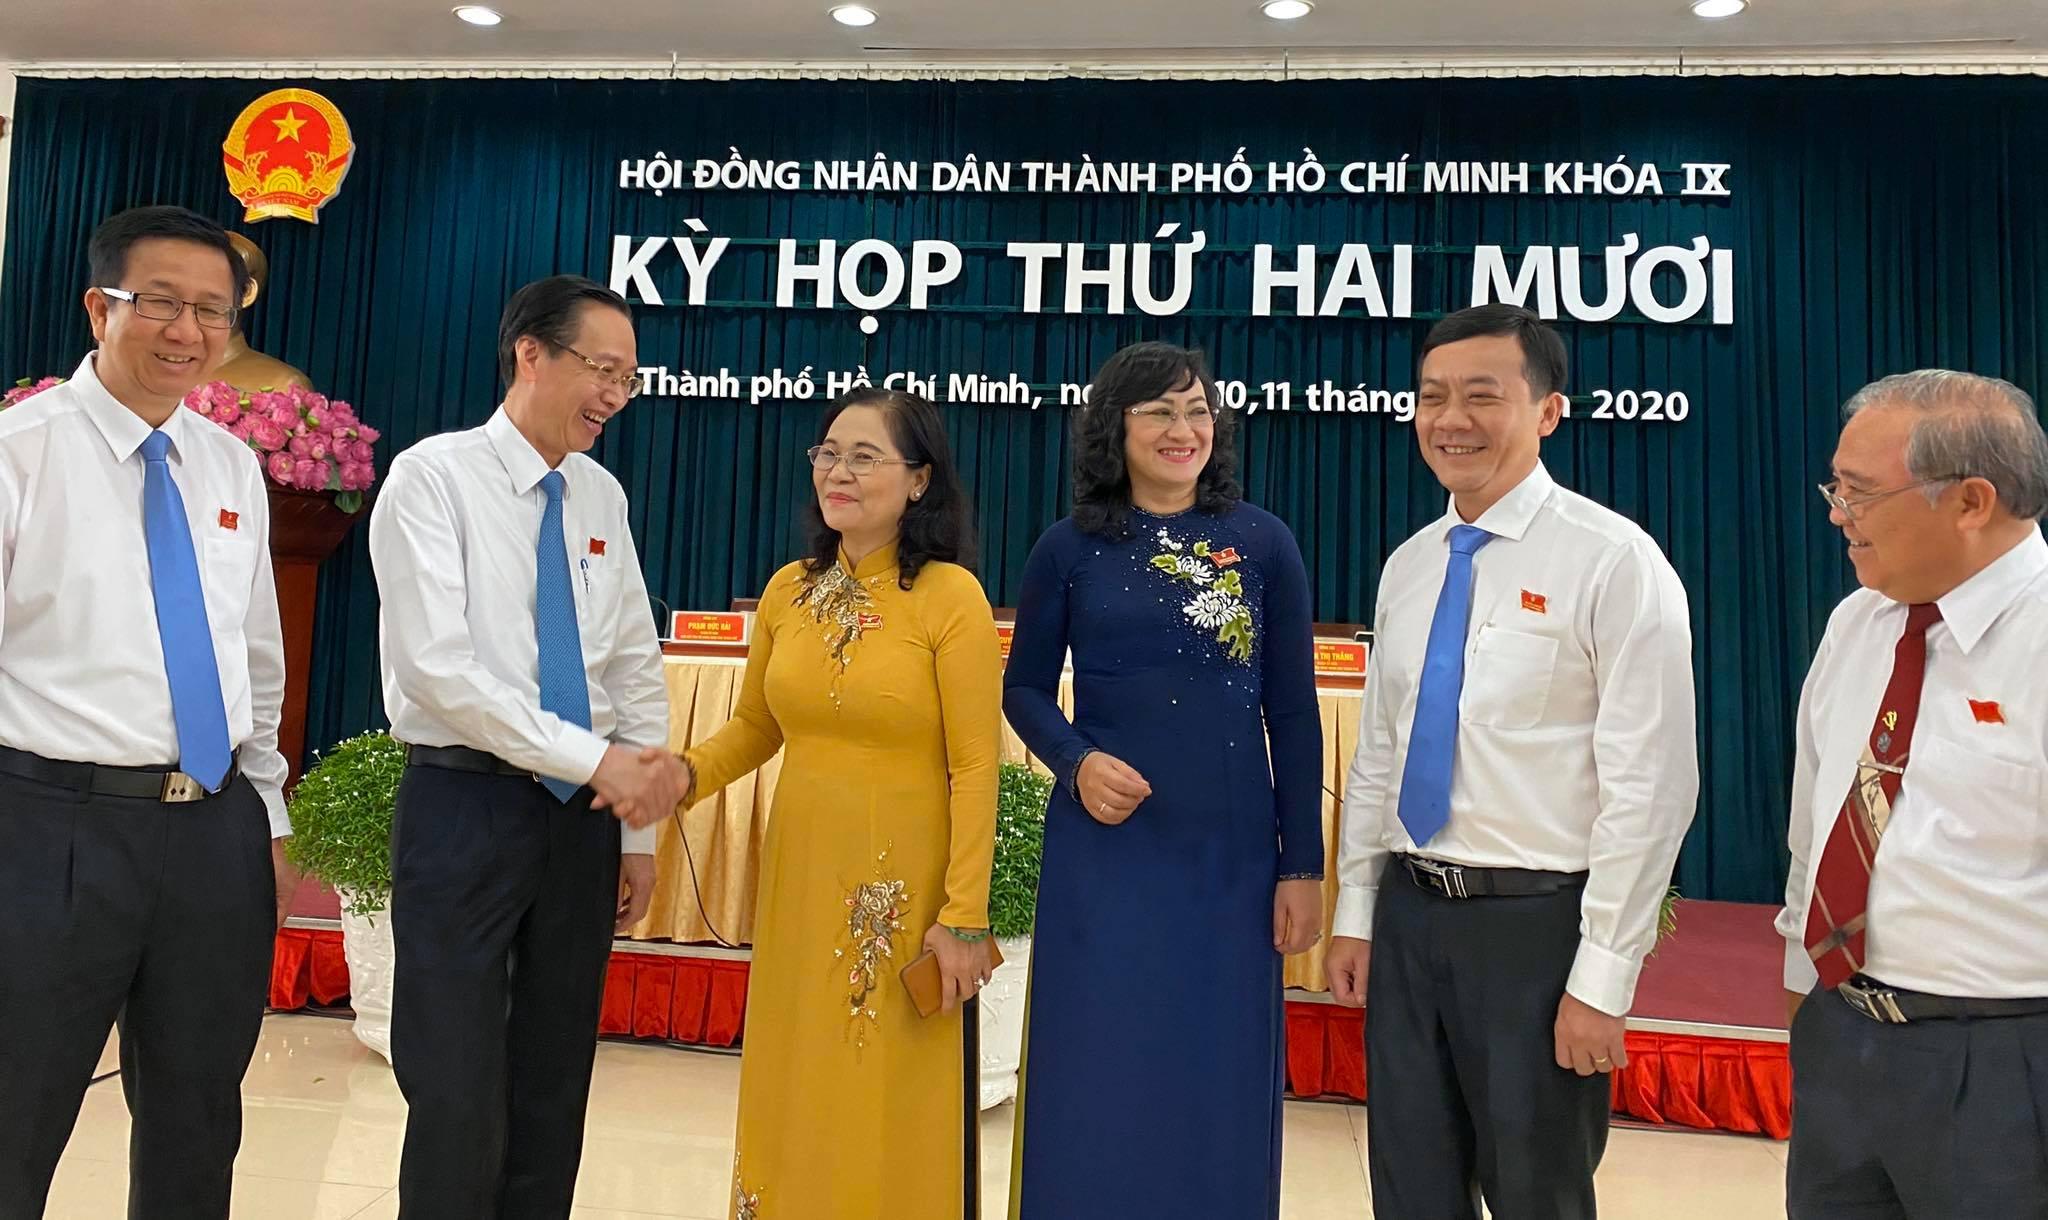 Khai mạc Kỳ họp thứ 20 HĐND TP Hồ Chí Minh, khóa IX